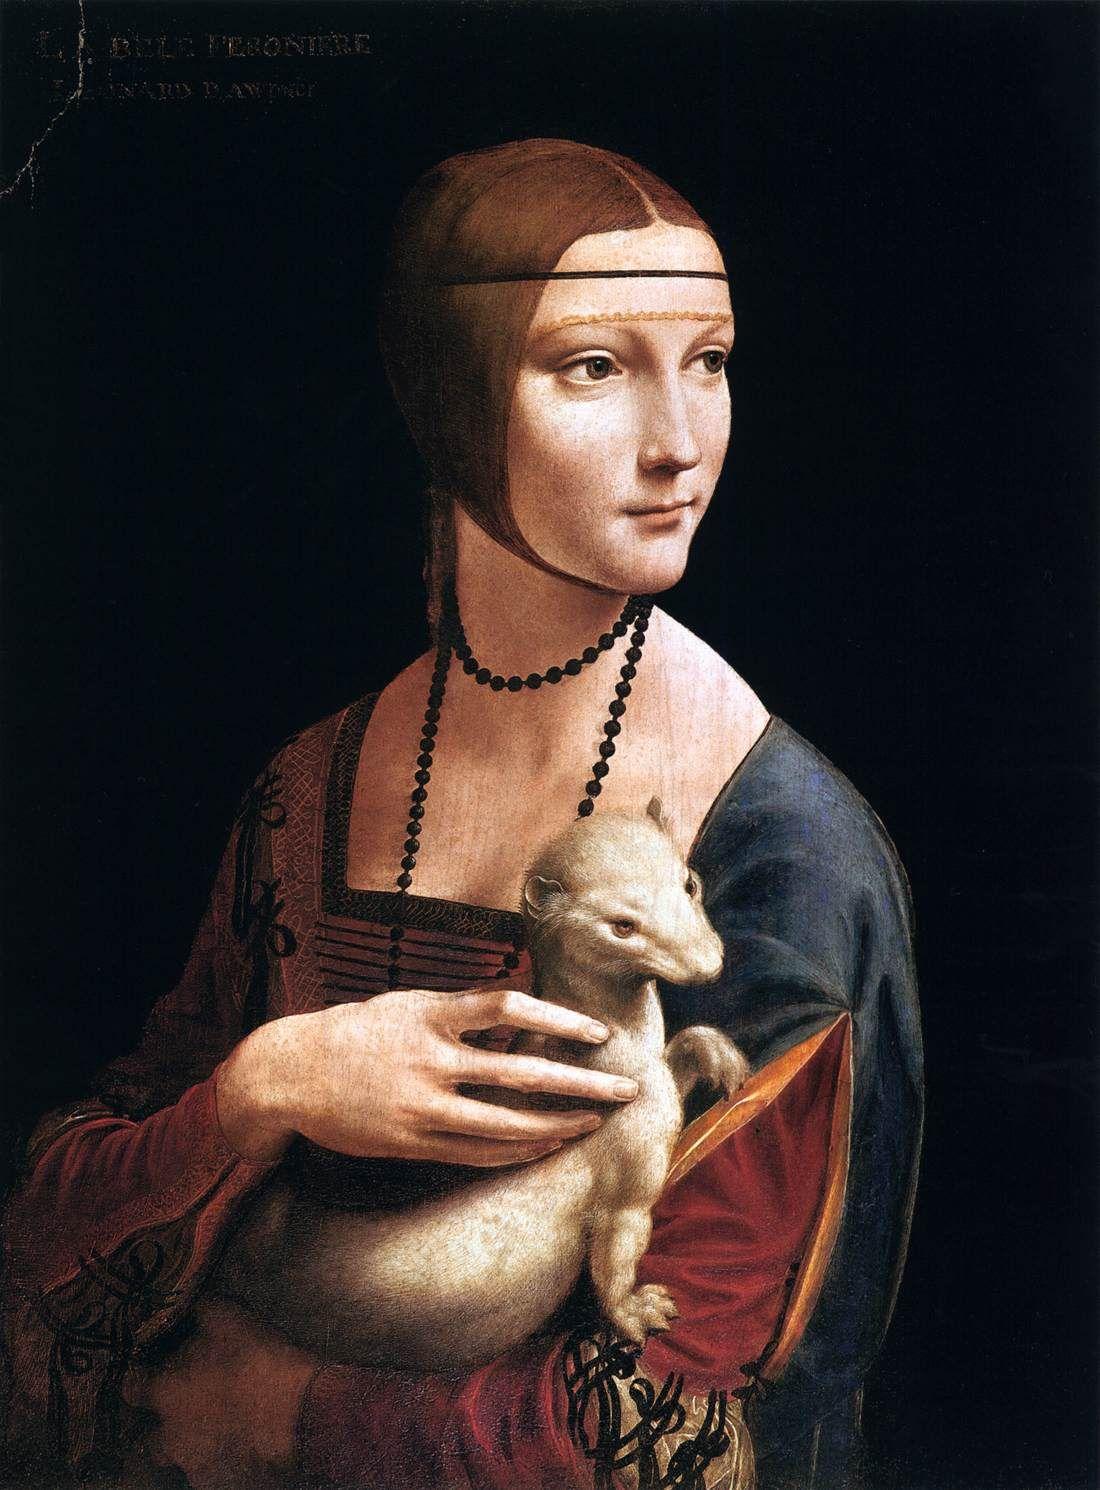 """artmagnifique: """"LEONARDO DA VINCI. The Lady with an Ermine, 1496, oil on panel. """""""